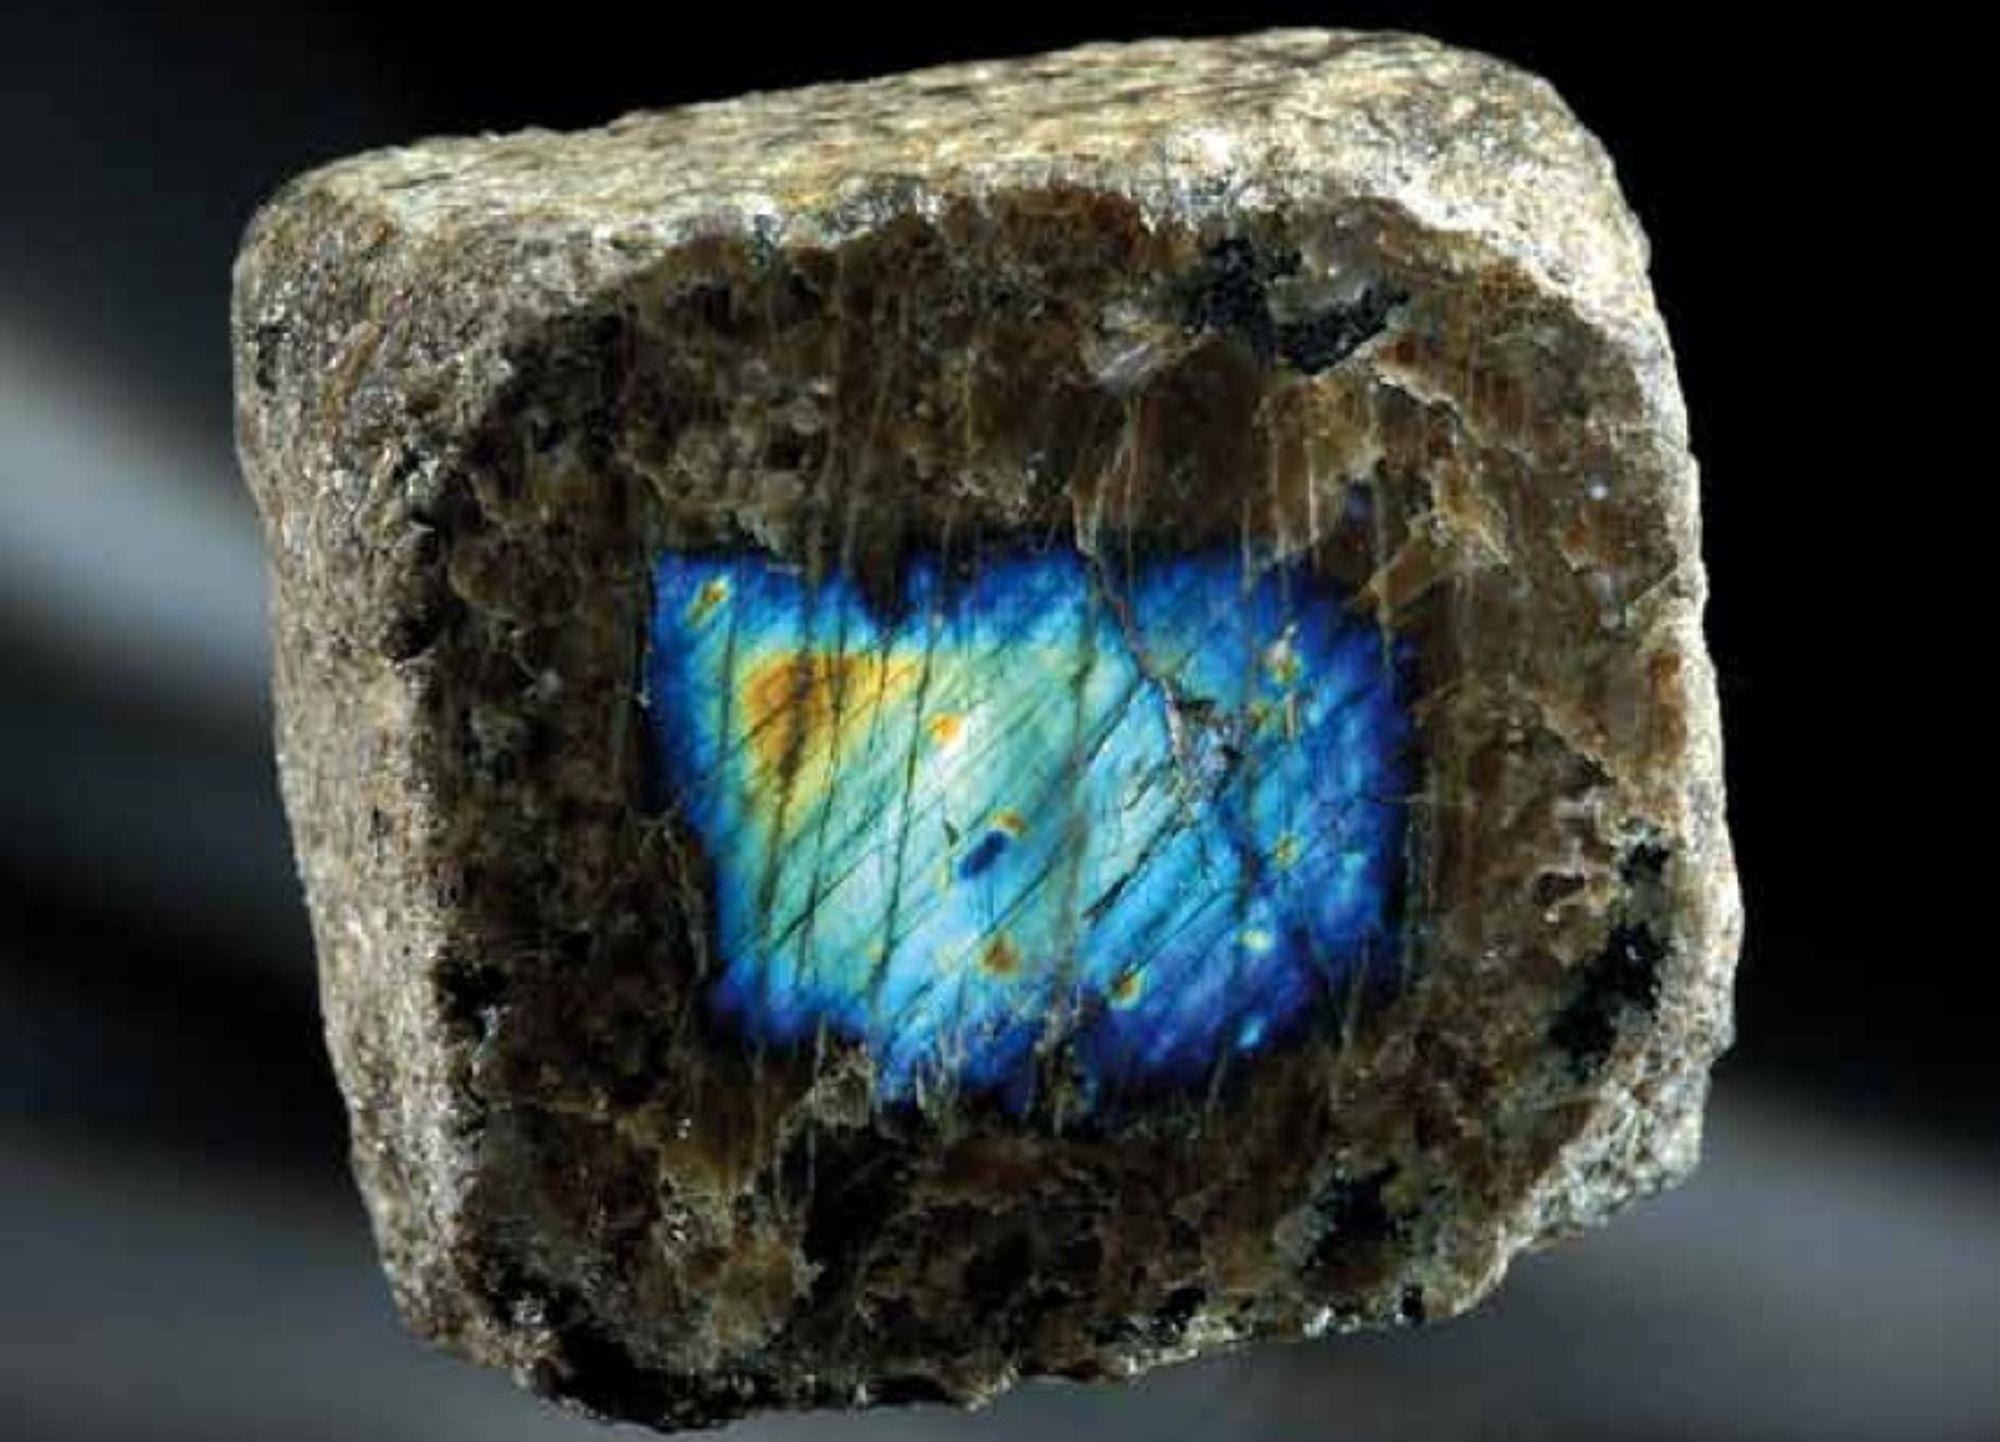 NORSKE MINERALER: Dette er det dekorative mineralet labradoritt, fra Hidra, Flekkefjord. Mineralet pryder forsiden av boken Norges mineraler, hvor det er beskrevet 830 mineraler som finnes i Norge. 17 av dem ble funnet i 2010.